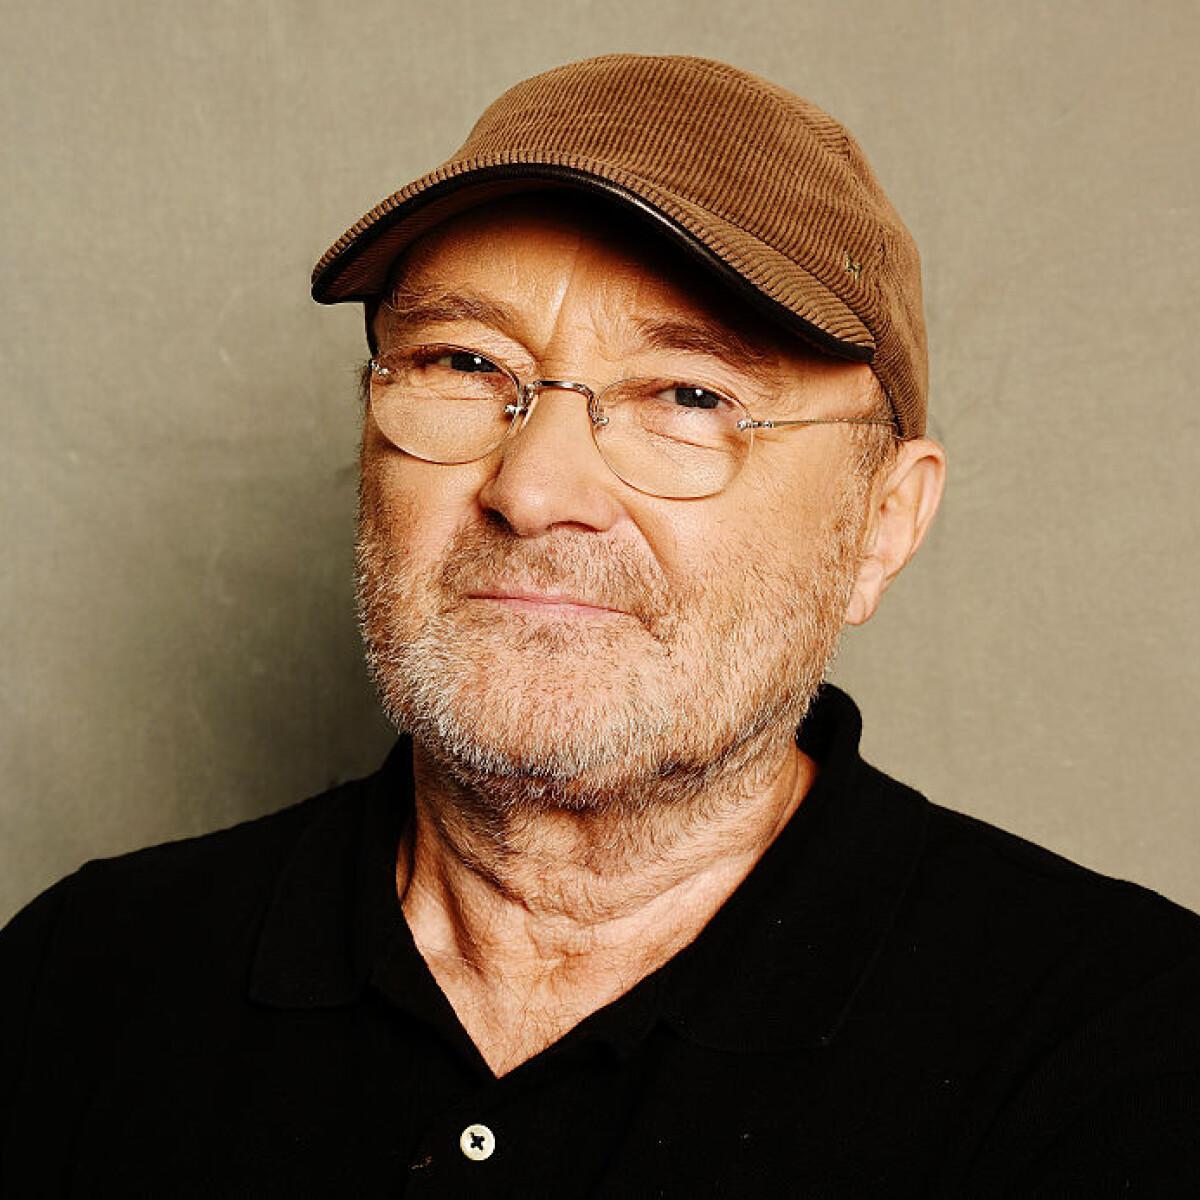 Phil Collins konyháiban egy egész életen át el tudnánk főzőcskézni